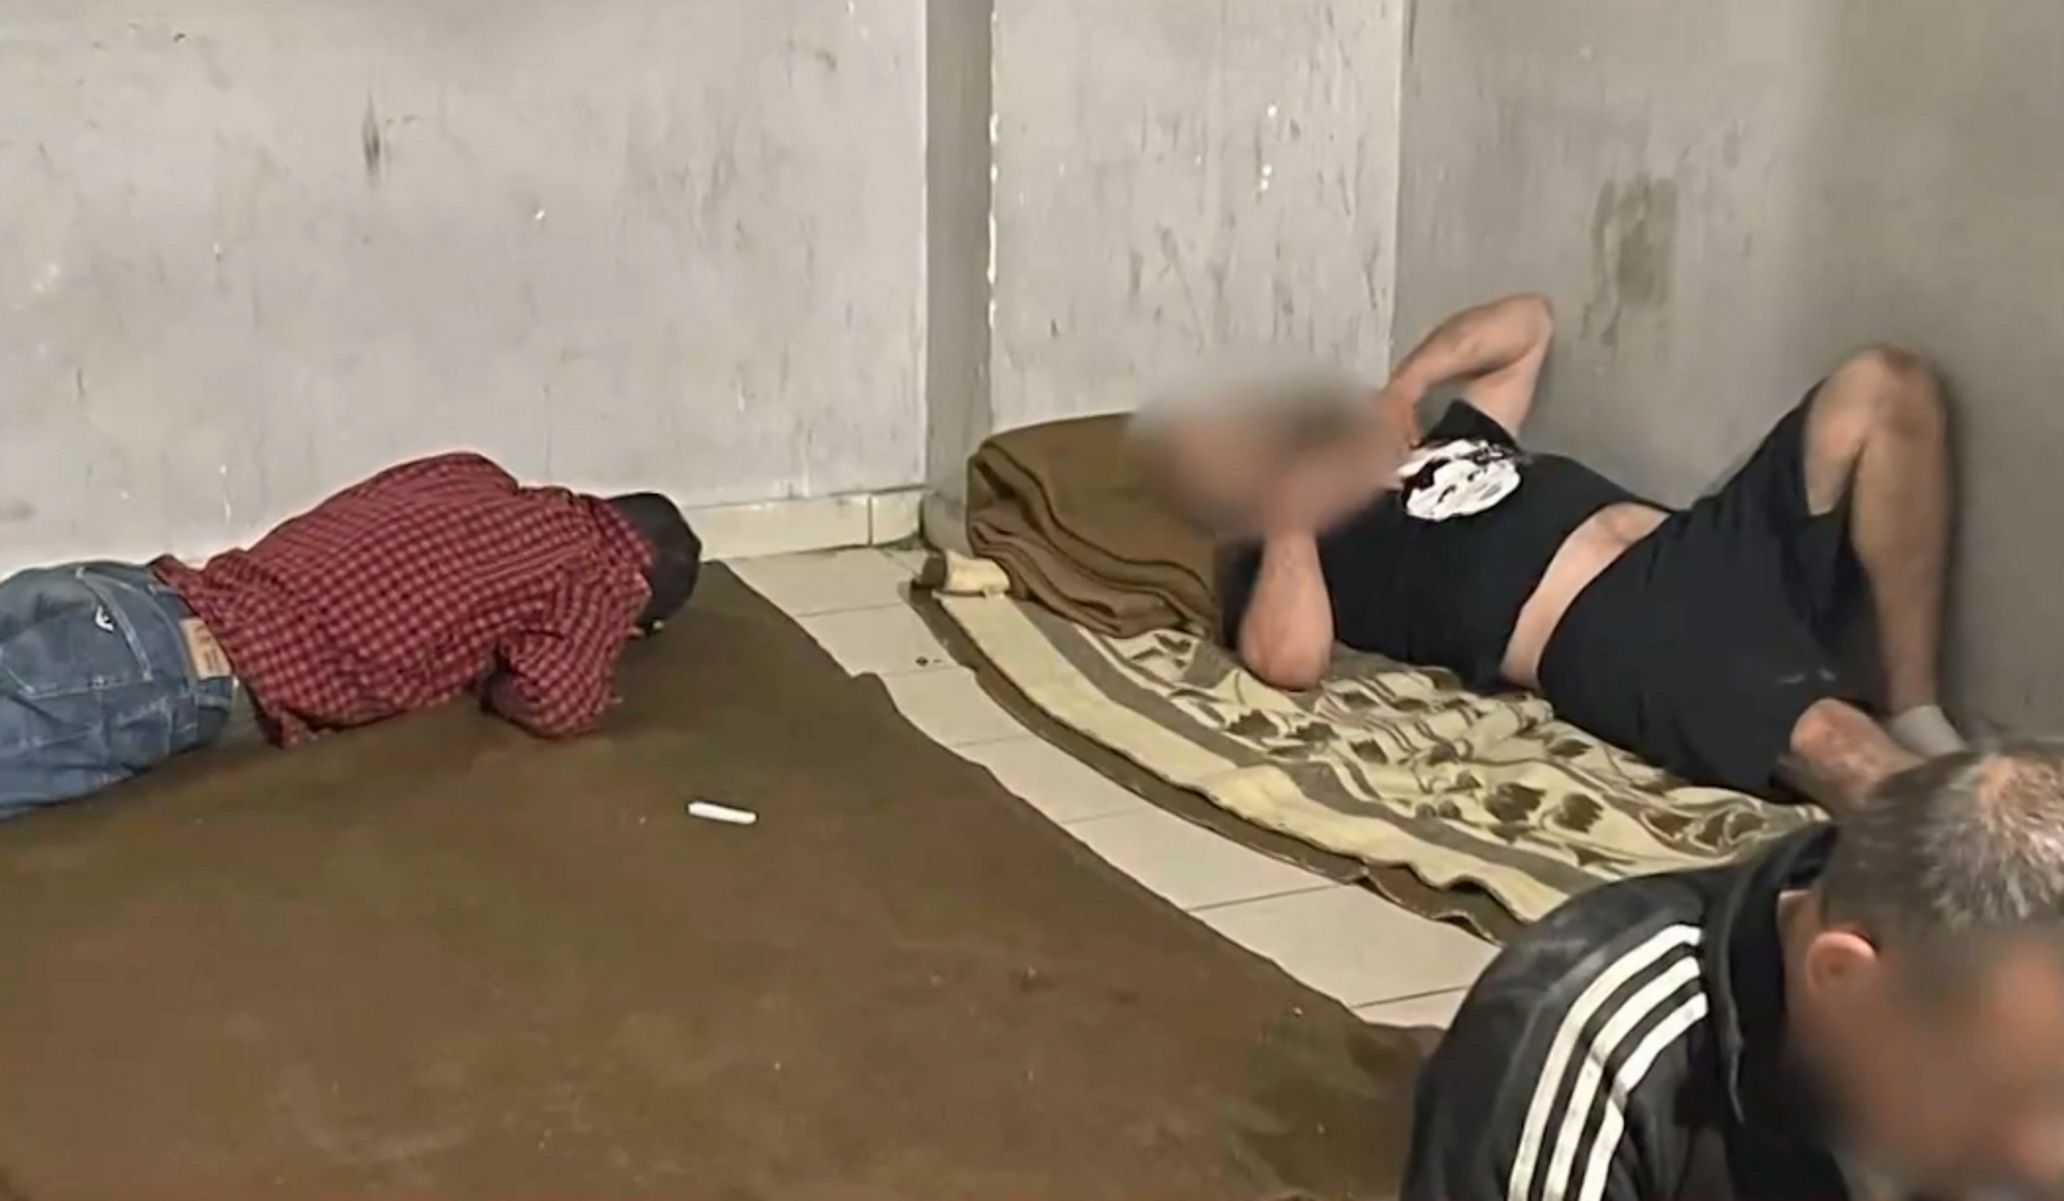 Διάρρηξη στον Άγιο Παντελεήμονα: Αυτοί είναι οι δράστες που άρπαξαν τα 200.000 ευρώ του μακαρίτη